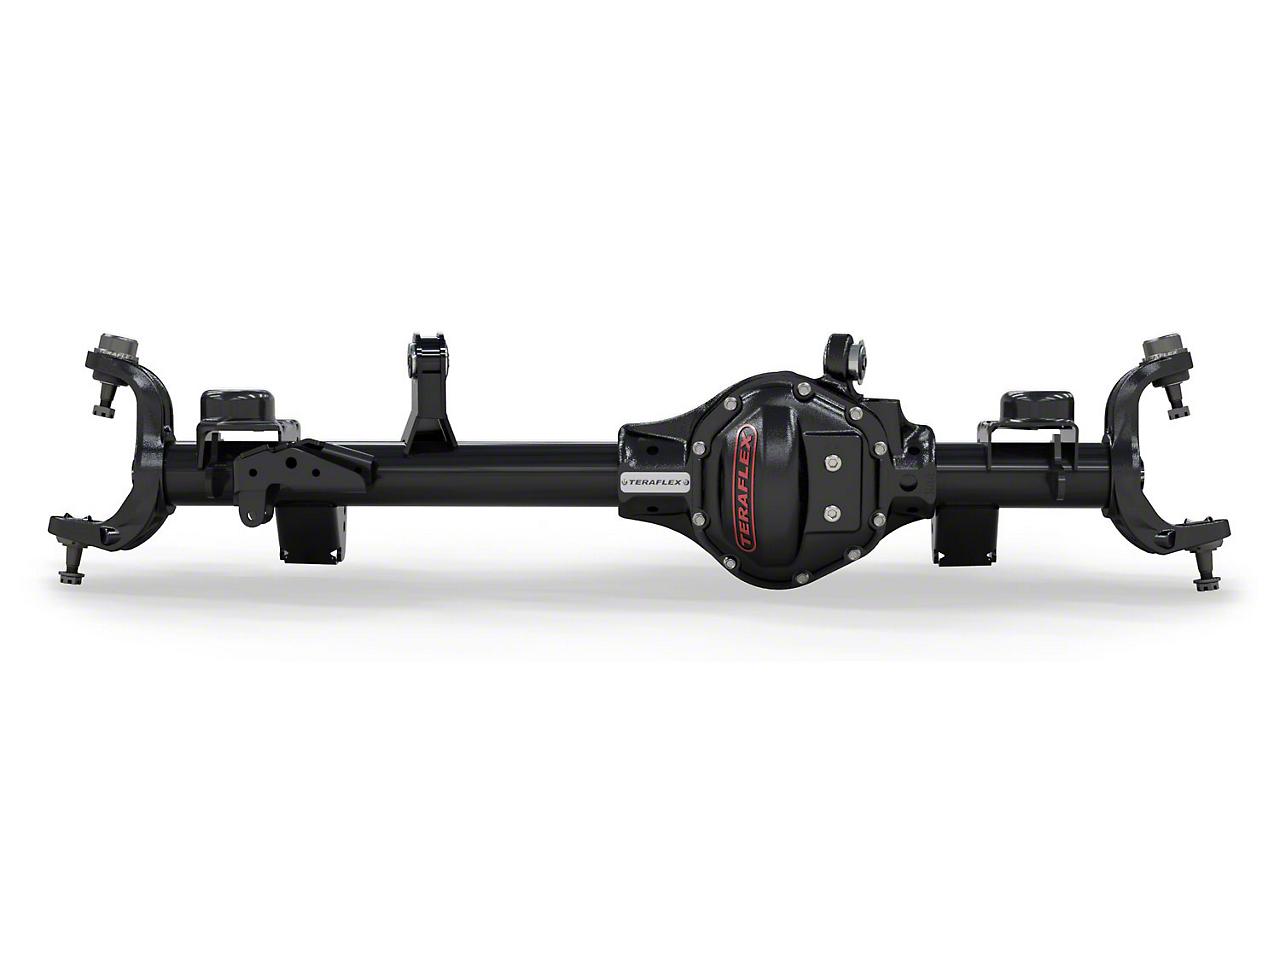 Teraflex Front Tera44 Axle w/ 4.10 Gears for 0-3 in. Lift (07-18 Wrangler JK)